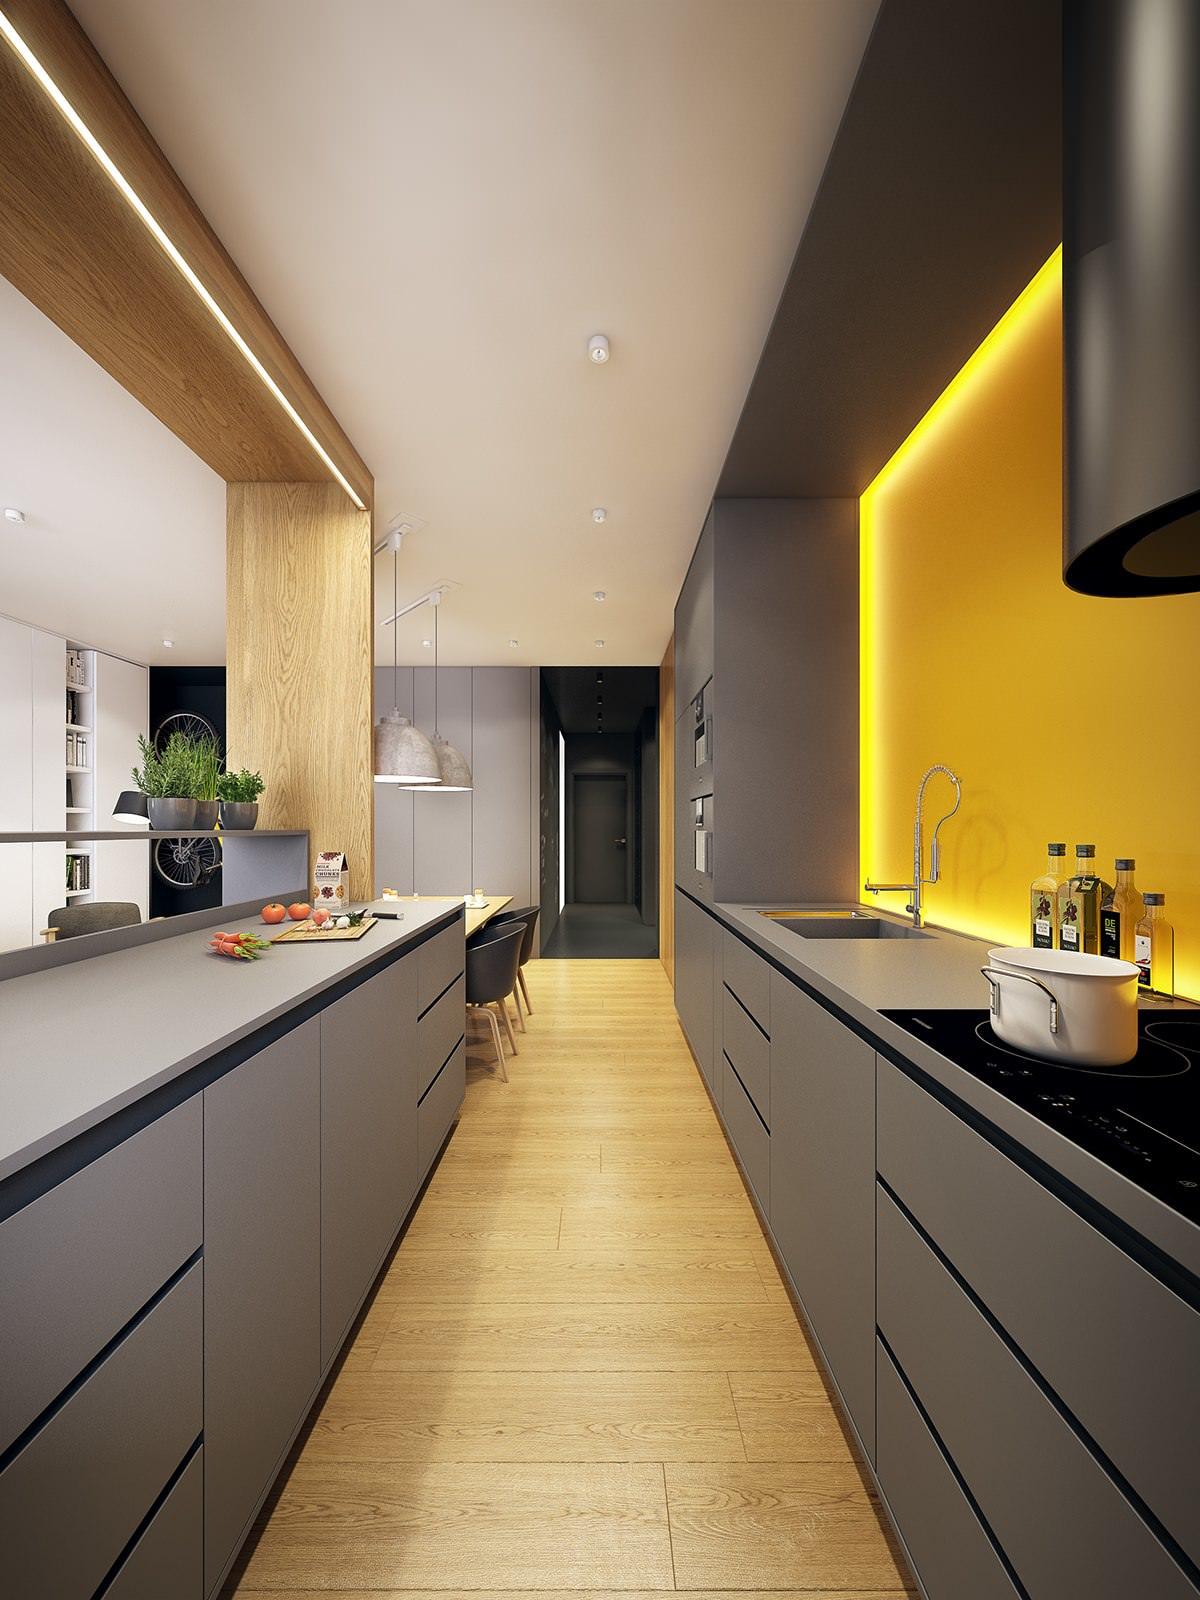 interioren-proekt-za-apartament-v-moderen-skandinavski-stil-6g